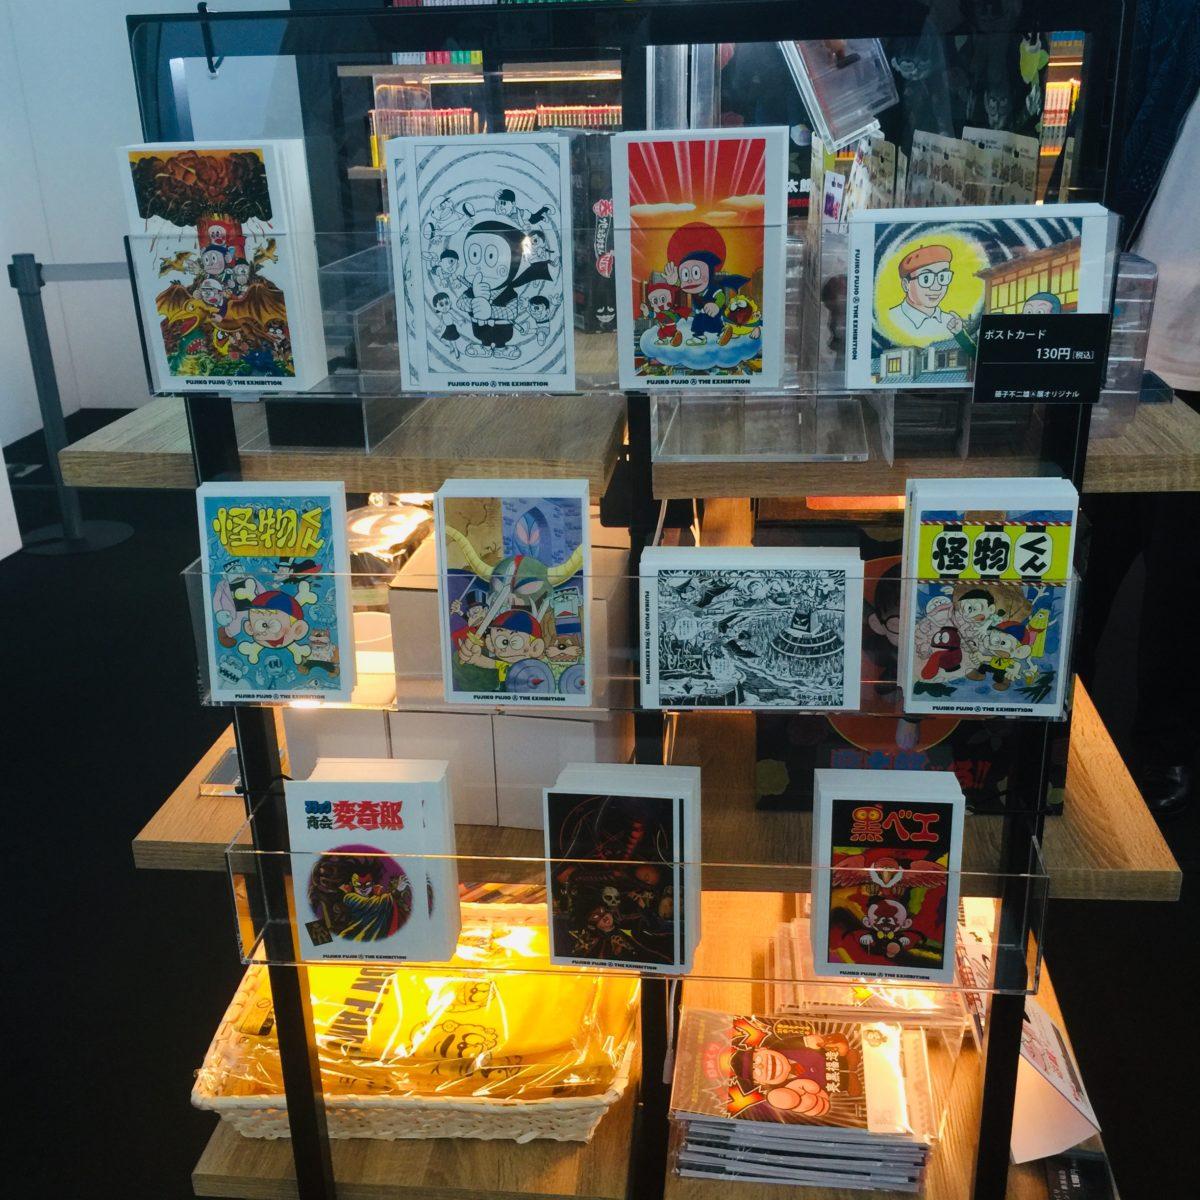 「藤子不二雄Ⓐ展」でのおみやげ屋「怪奇や」でポストカード販売